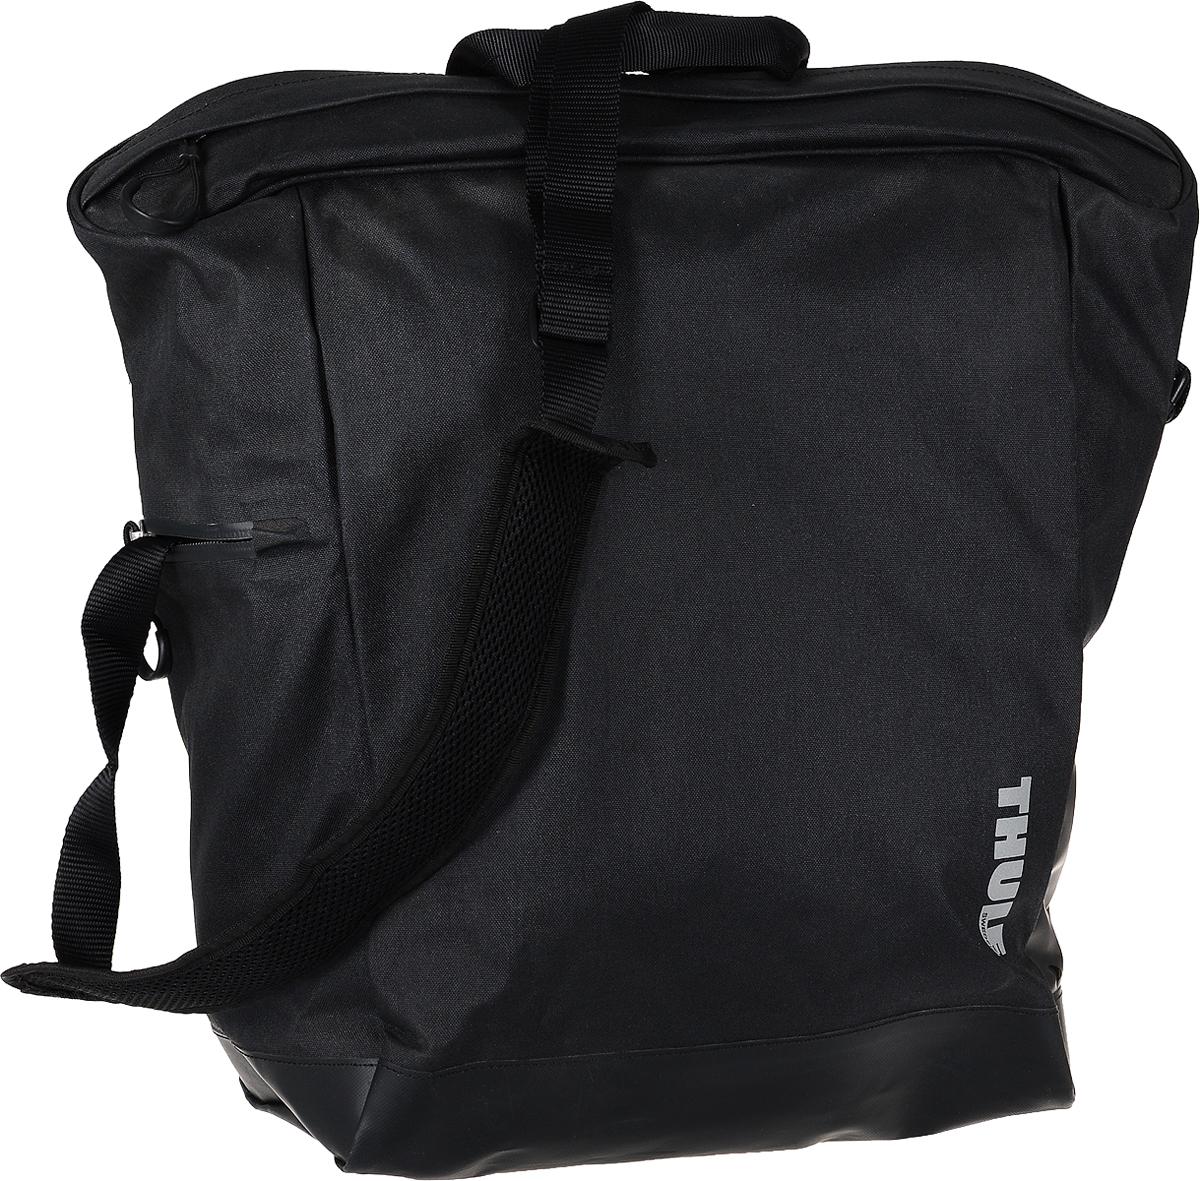 Сумка велосипедная Thule Tote, цвет: черный, 23,5 л100001_черныйВелосипедная сумка Thule Tote выполнена из высококачественных материалов в городском стиле. Легко трансформируется в повседневную сумку. Сумка имеет одно главное отделение, которое позволяет удобно помещать крупные вещи. Изделие оснащено удобными ручками и регулируемым ремнем через плечо. Система крепления проста в использовании, безопасна и имеет малый уровень вибрации. Крепления-невидимки легко отщелкиваются для максимального удобства при переноске без велосипеда. По бокам сумки расположен карман без застежки и карман на молнии для хранения наплечного ремня. Светоотражающие полоски повышают заметность на дороге в темное время суток. Сумку можно установить с любой стороны велосипеда. Она подходит к большинству видов багажника.Гид по велоаксессуарам. Статья OZON Гид